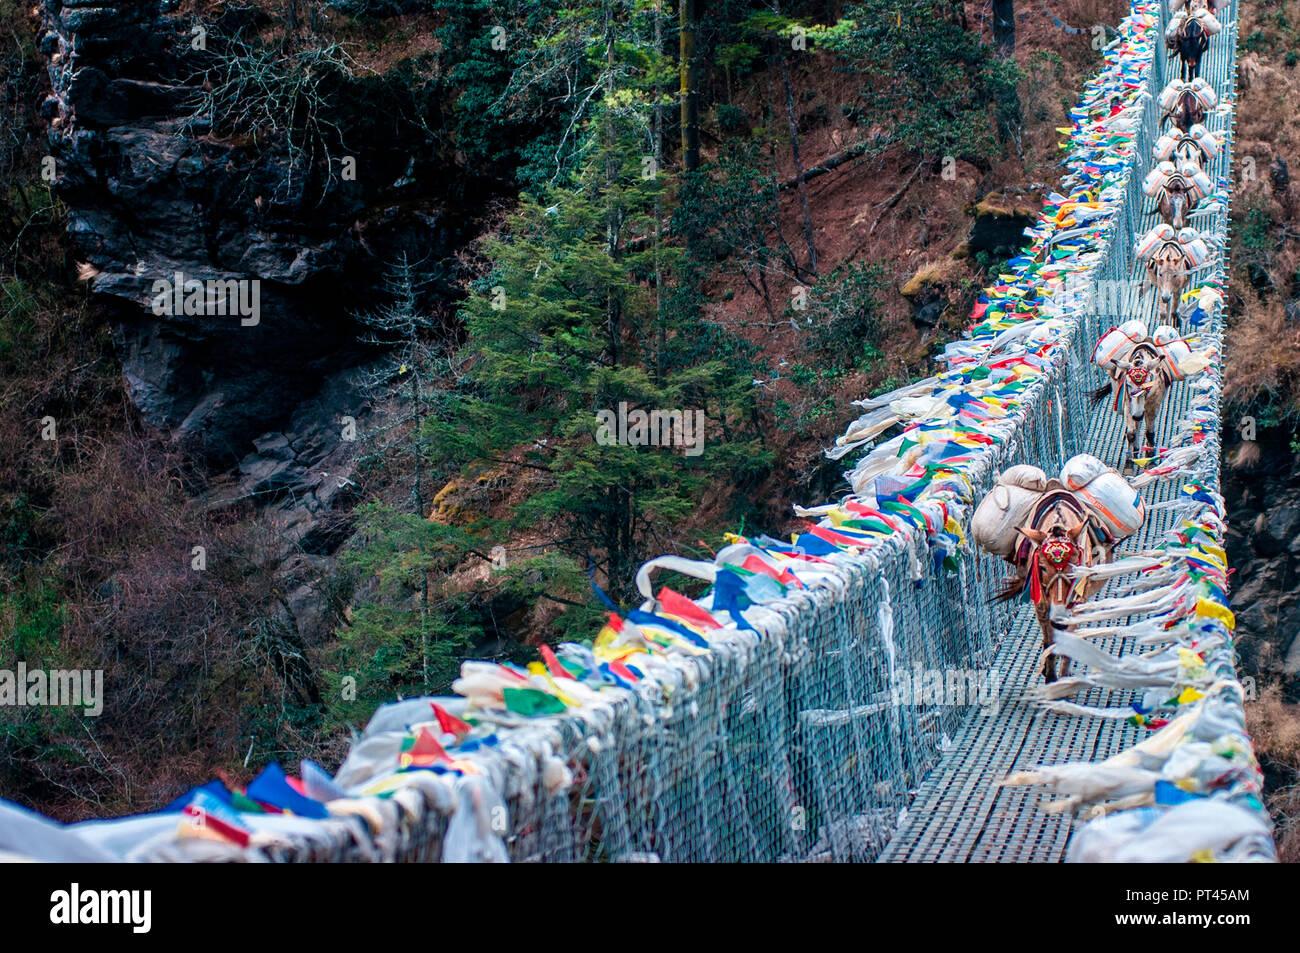 Asia, Nepal, Himalaya region, Khumbu, Sagarmatha National Park, Everest Base Camp Trekking - Stock Image